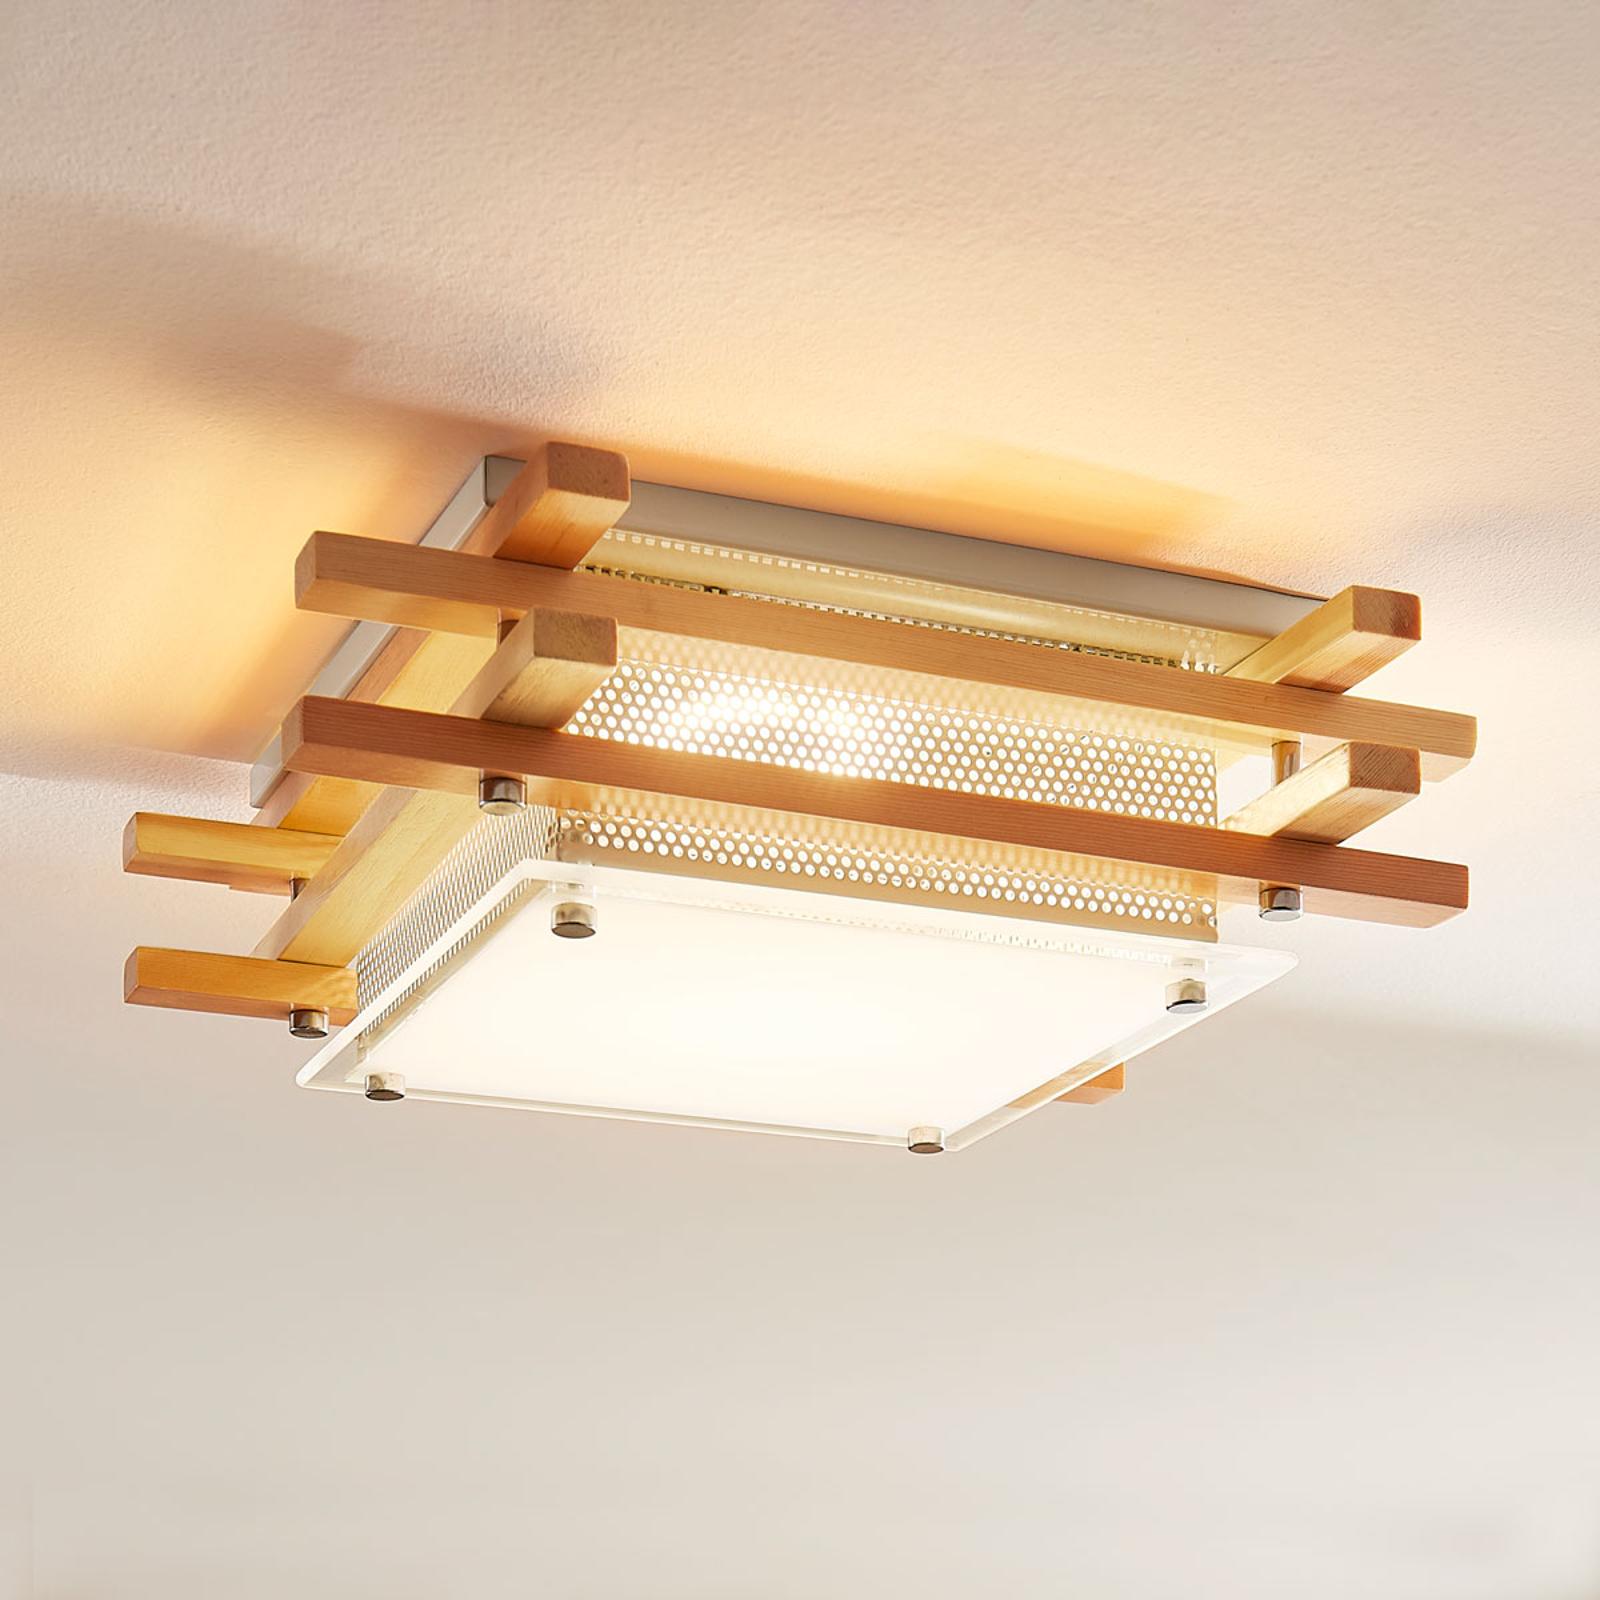 Plafoniera LED in legno Zuna angolare, dimmerabile